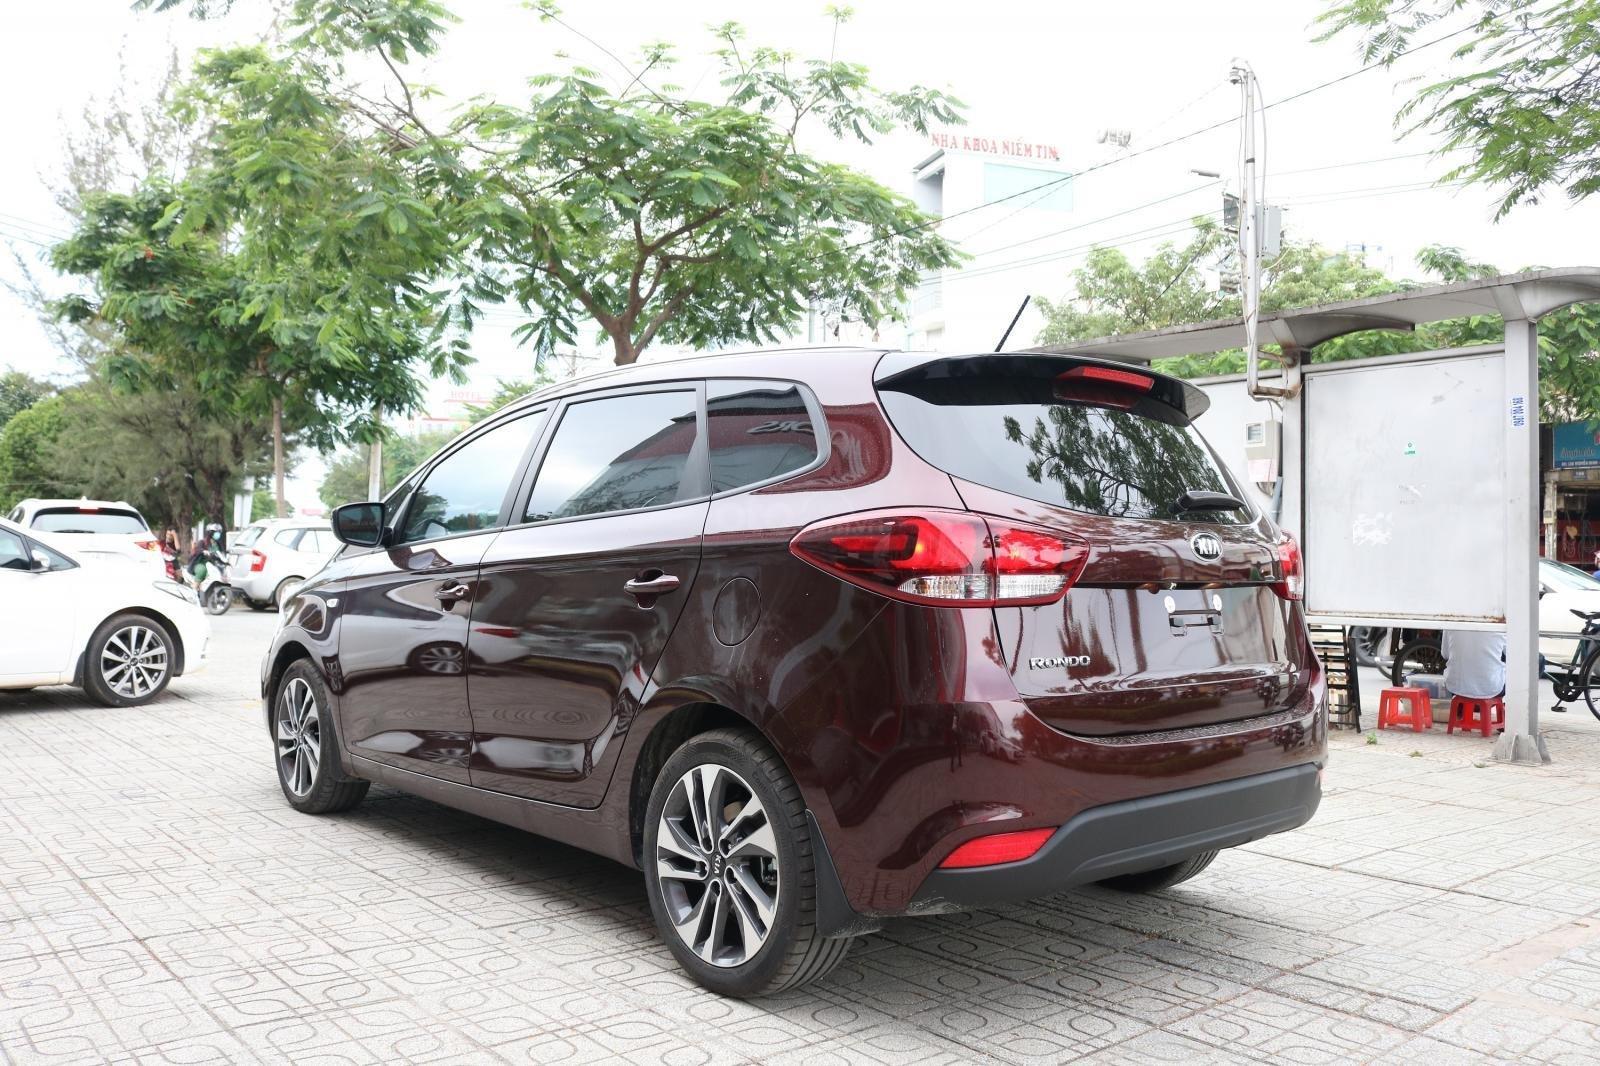 Kia Rondo sx 2019, số sàn, giá 585tr, xe đủ màu, Giao xe liền. Giá tốt nhất Huyện Củ Chi, Hóc Môn (8)